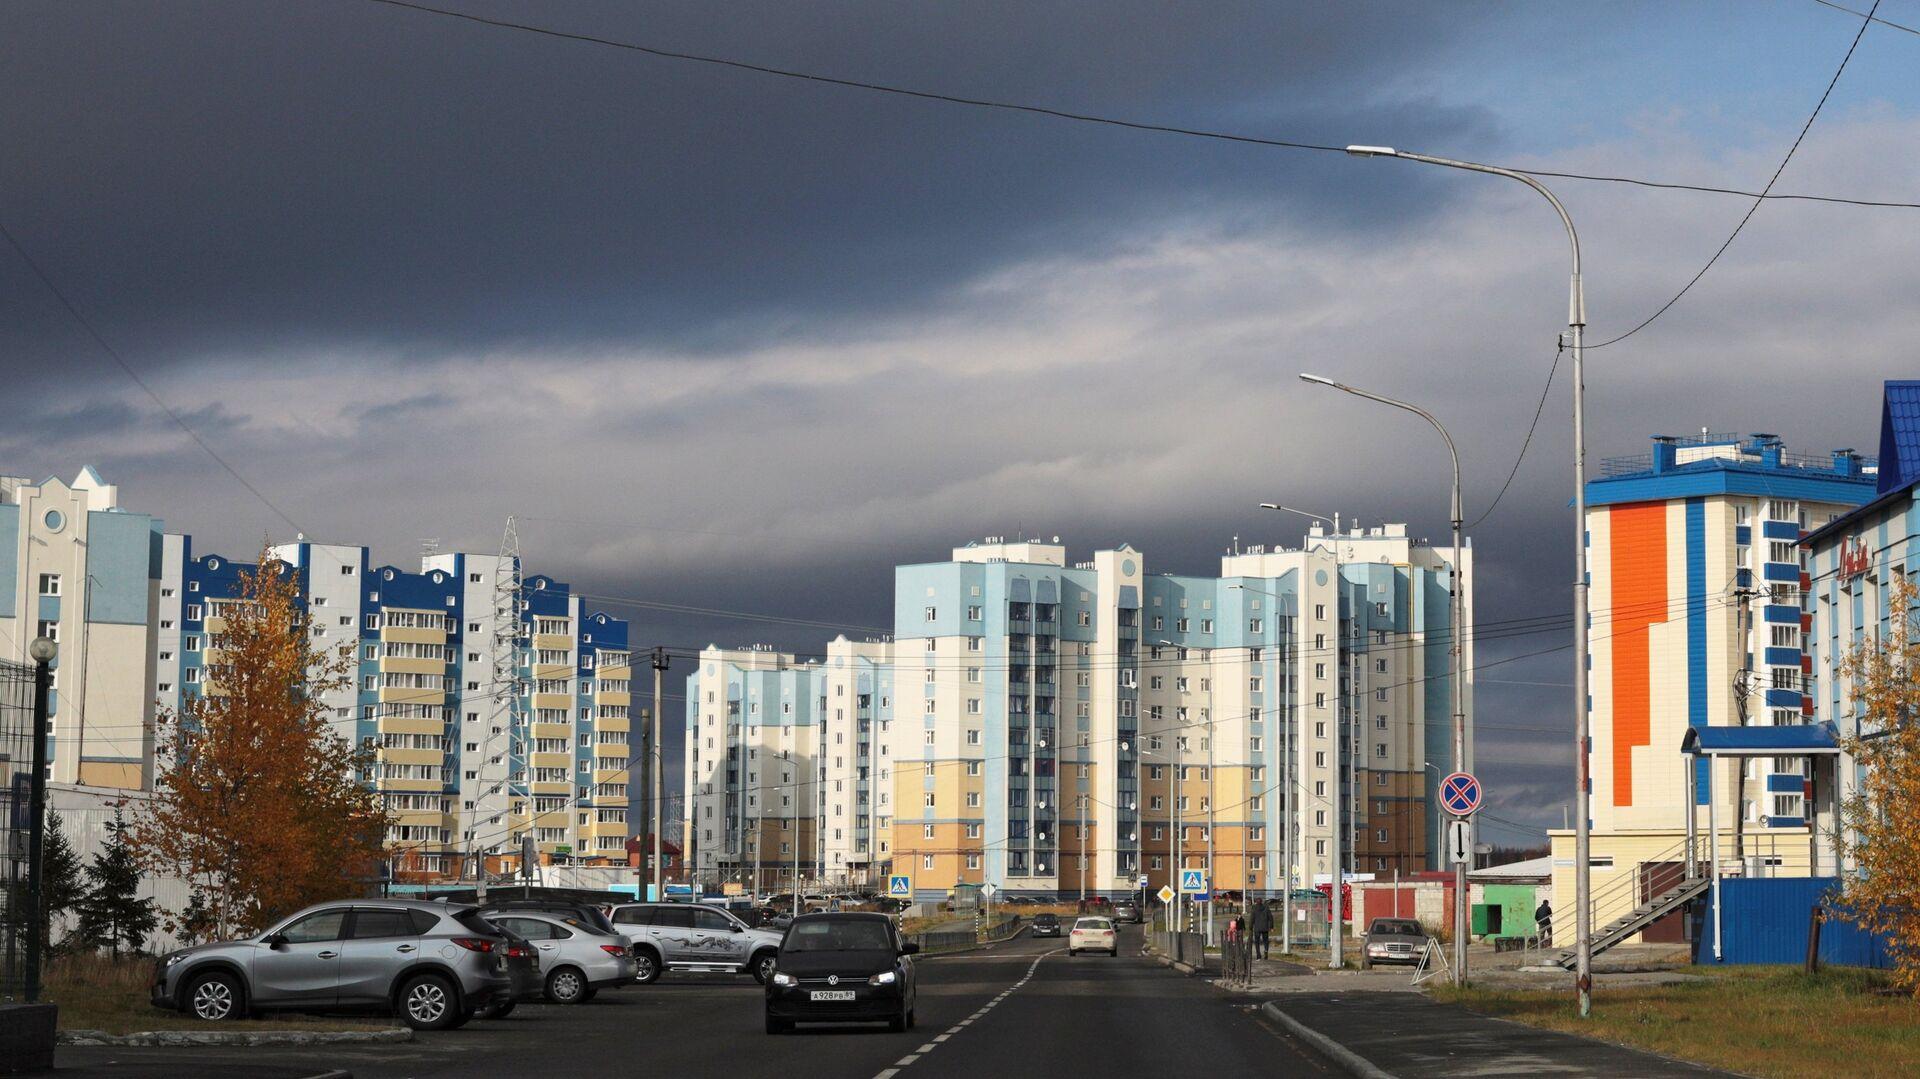 Современная жилая застройка в Салехарде  - РИА Новости, 1920, 05.08.2021